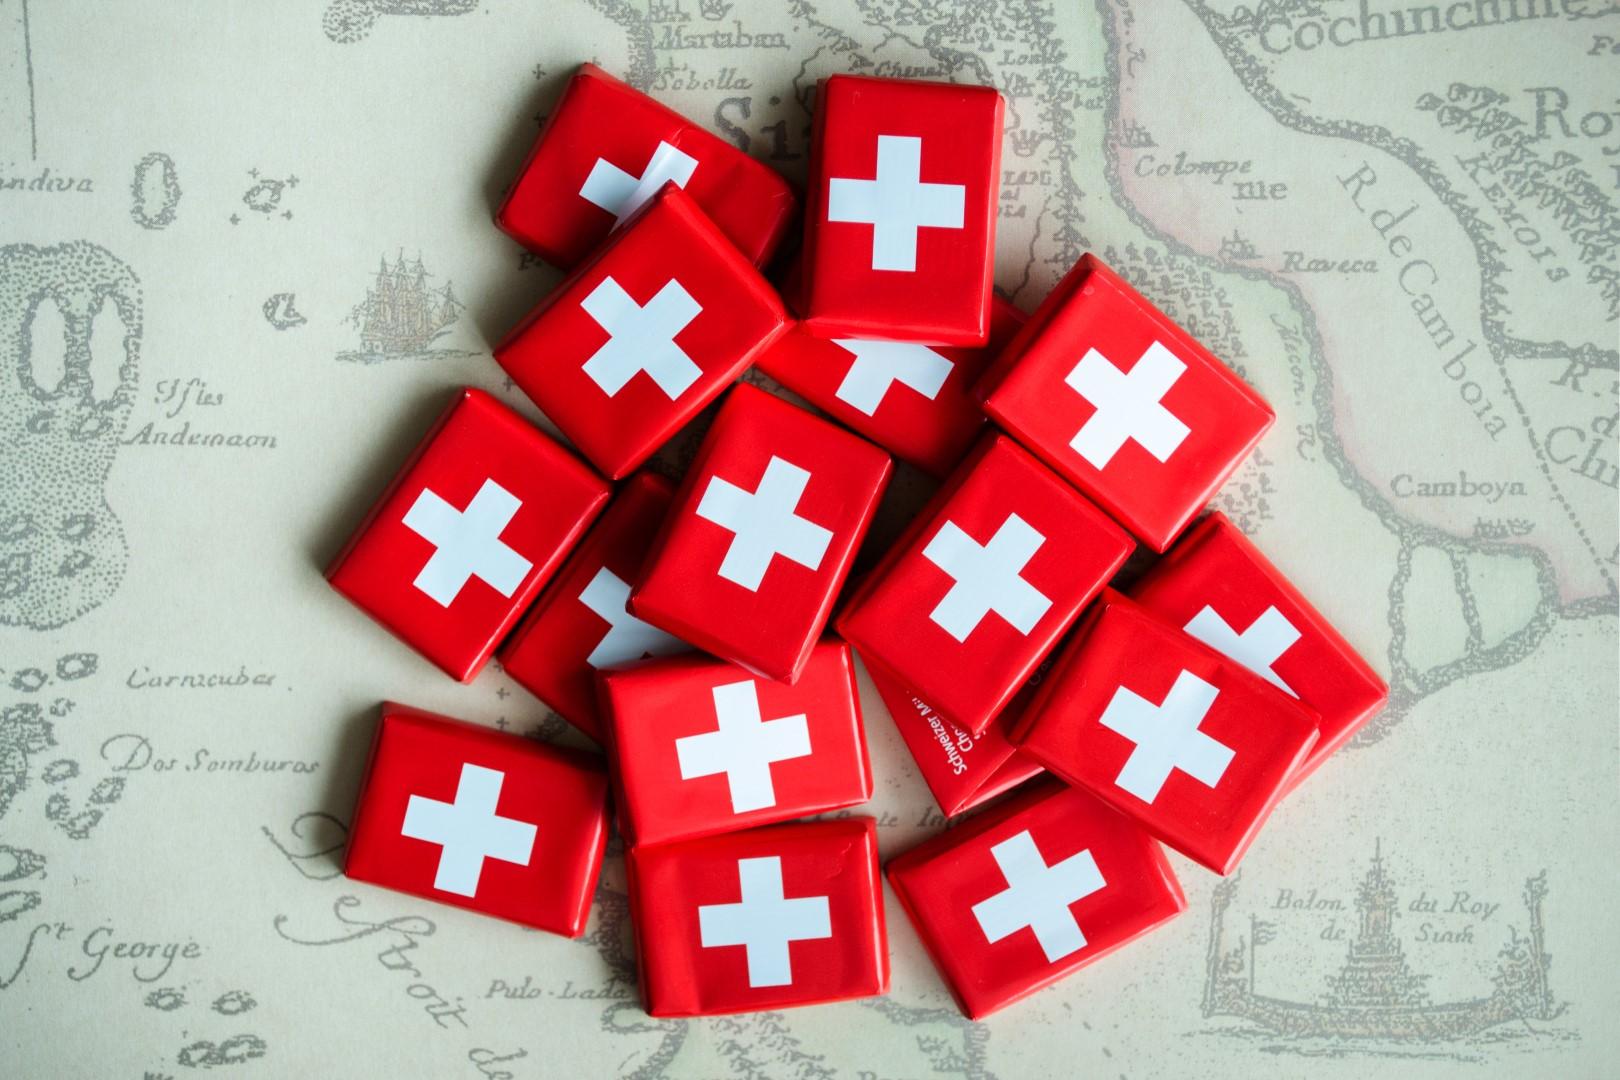 1819 – Zachte chocolade uit Zwitserland